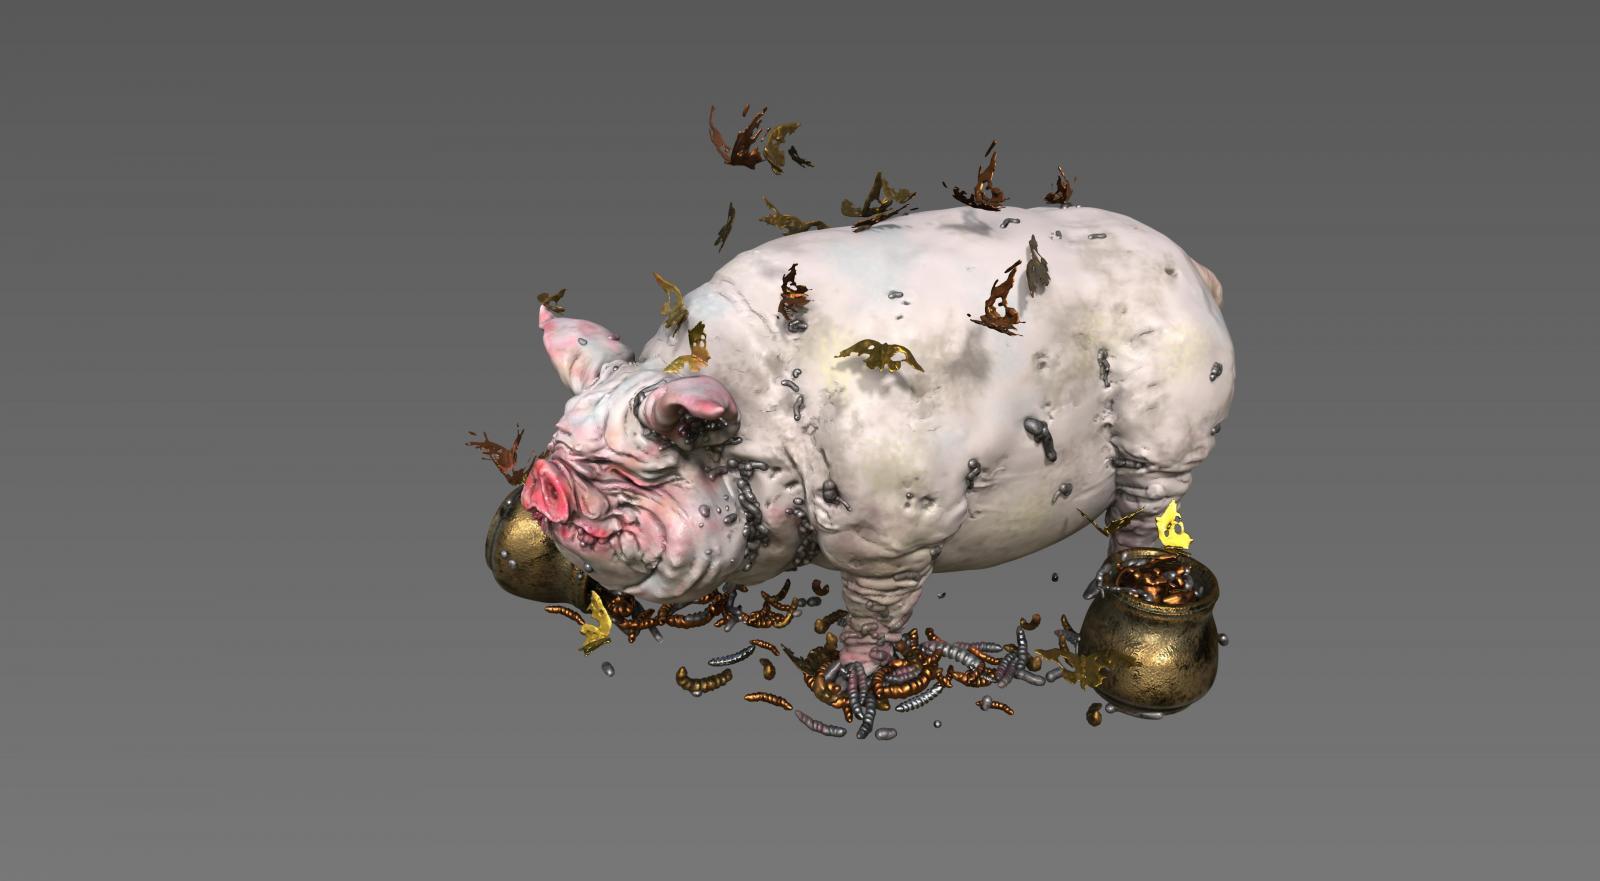 Pig sculpt